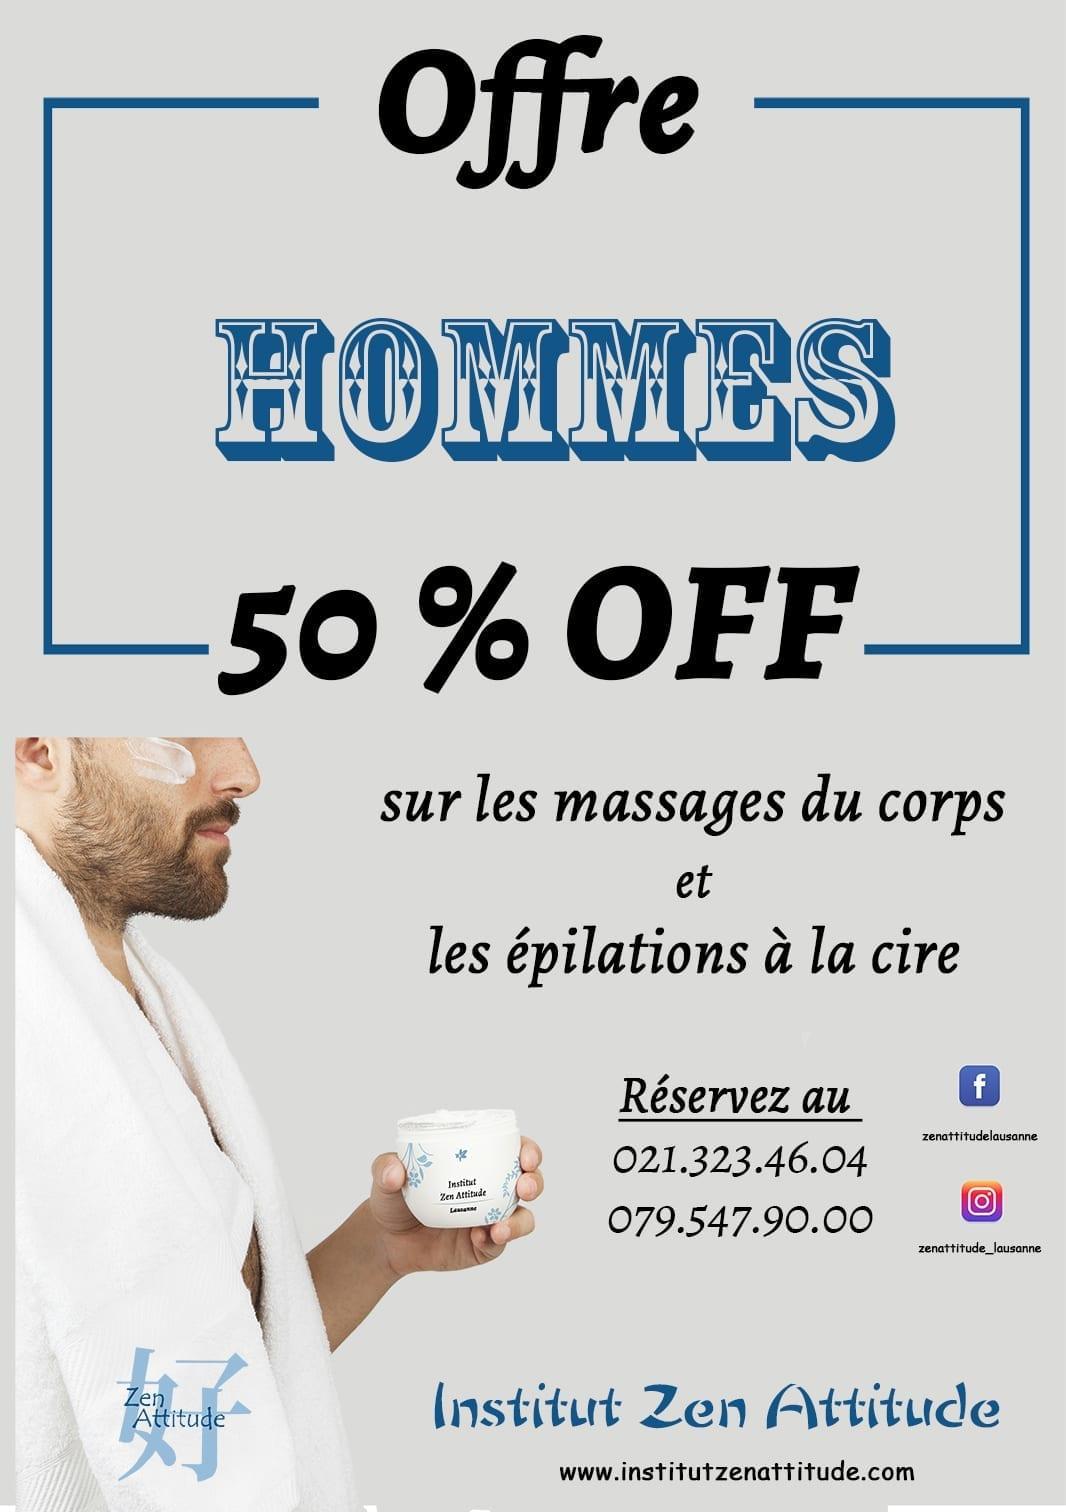 Offre Hommes epilation et massages lausanne